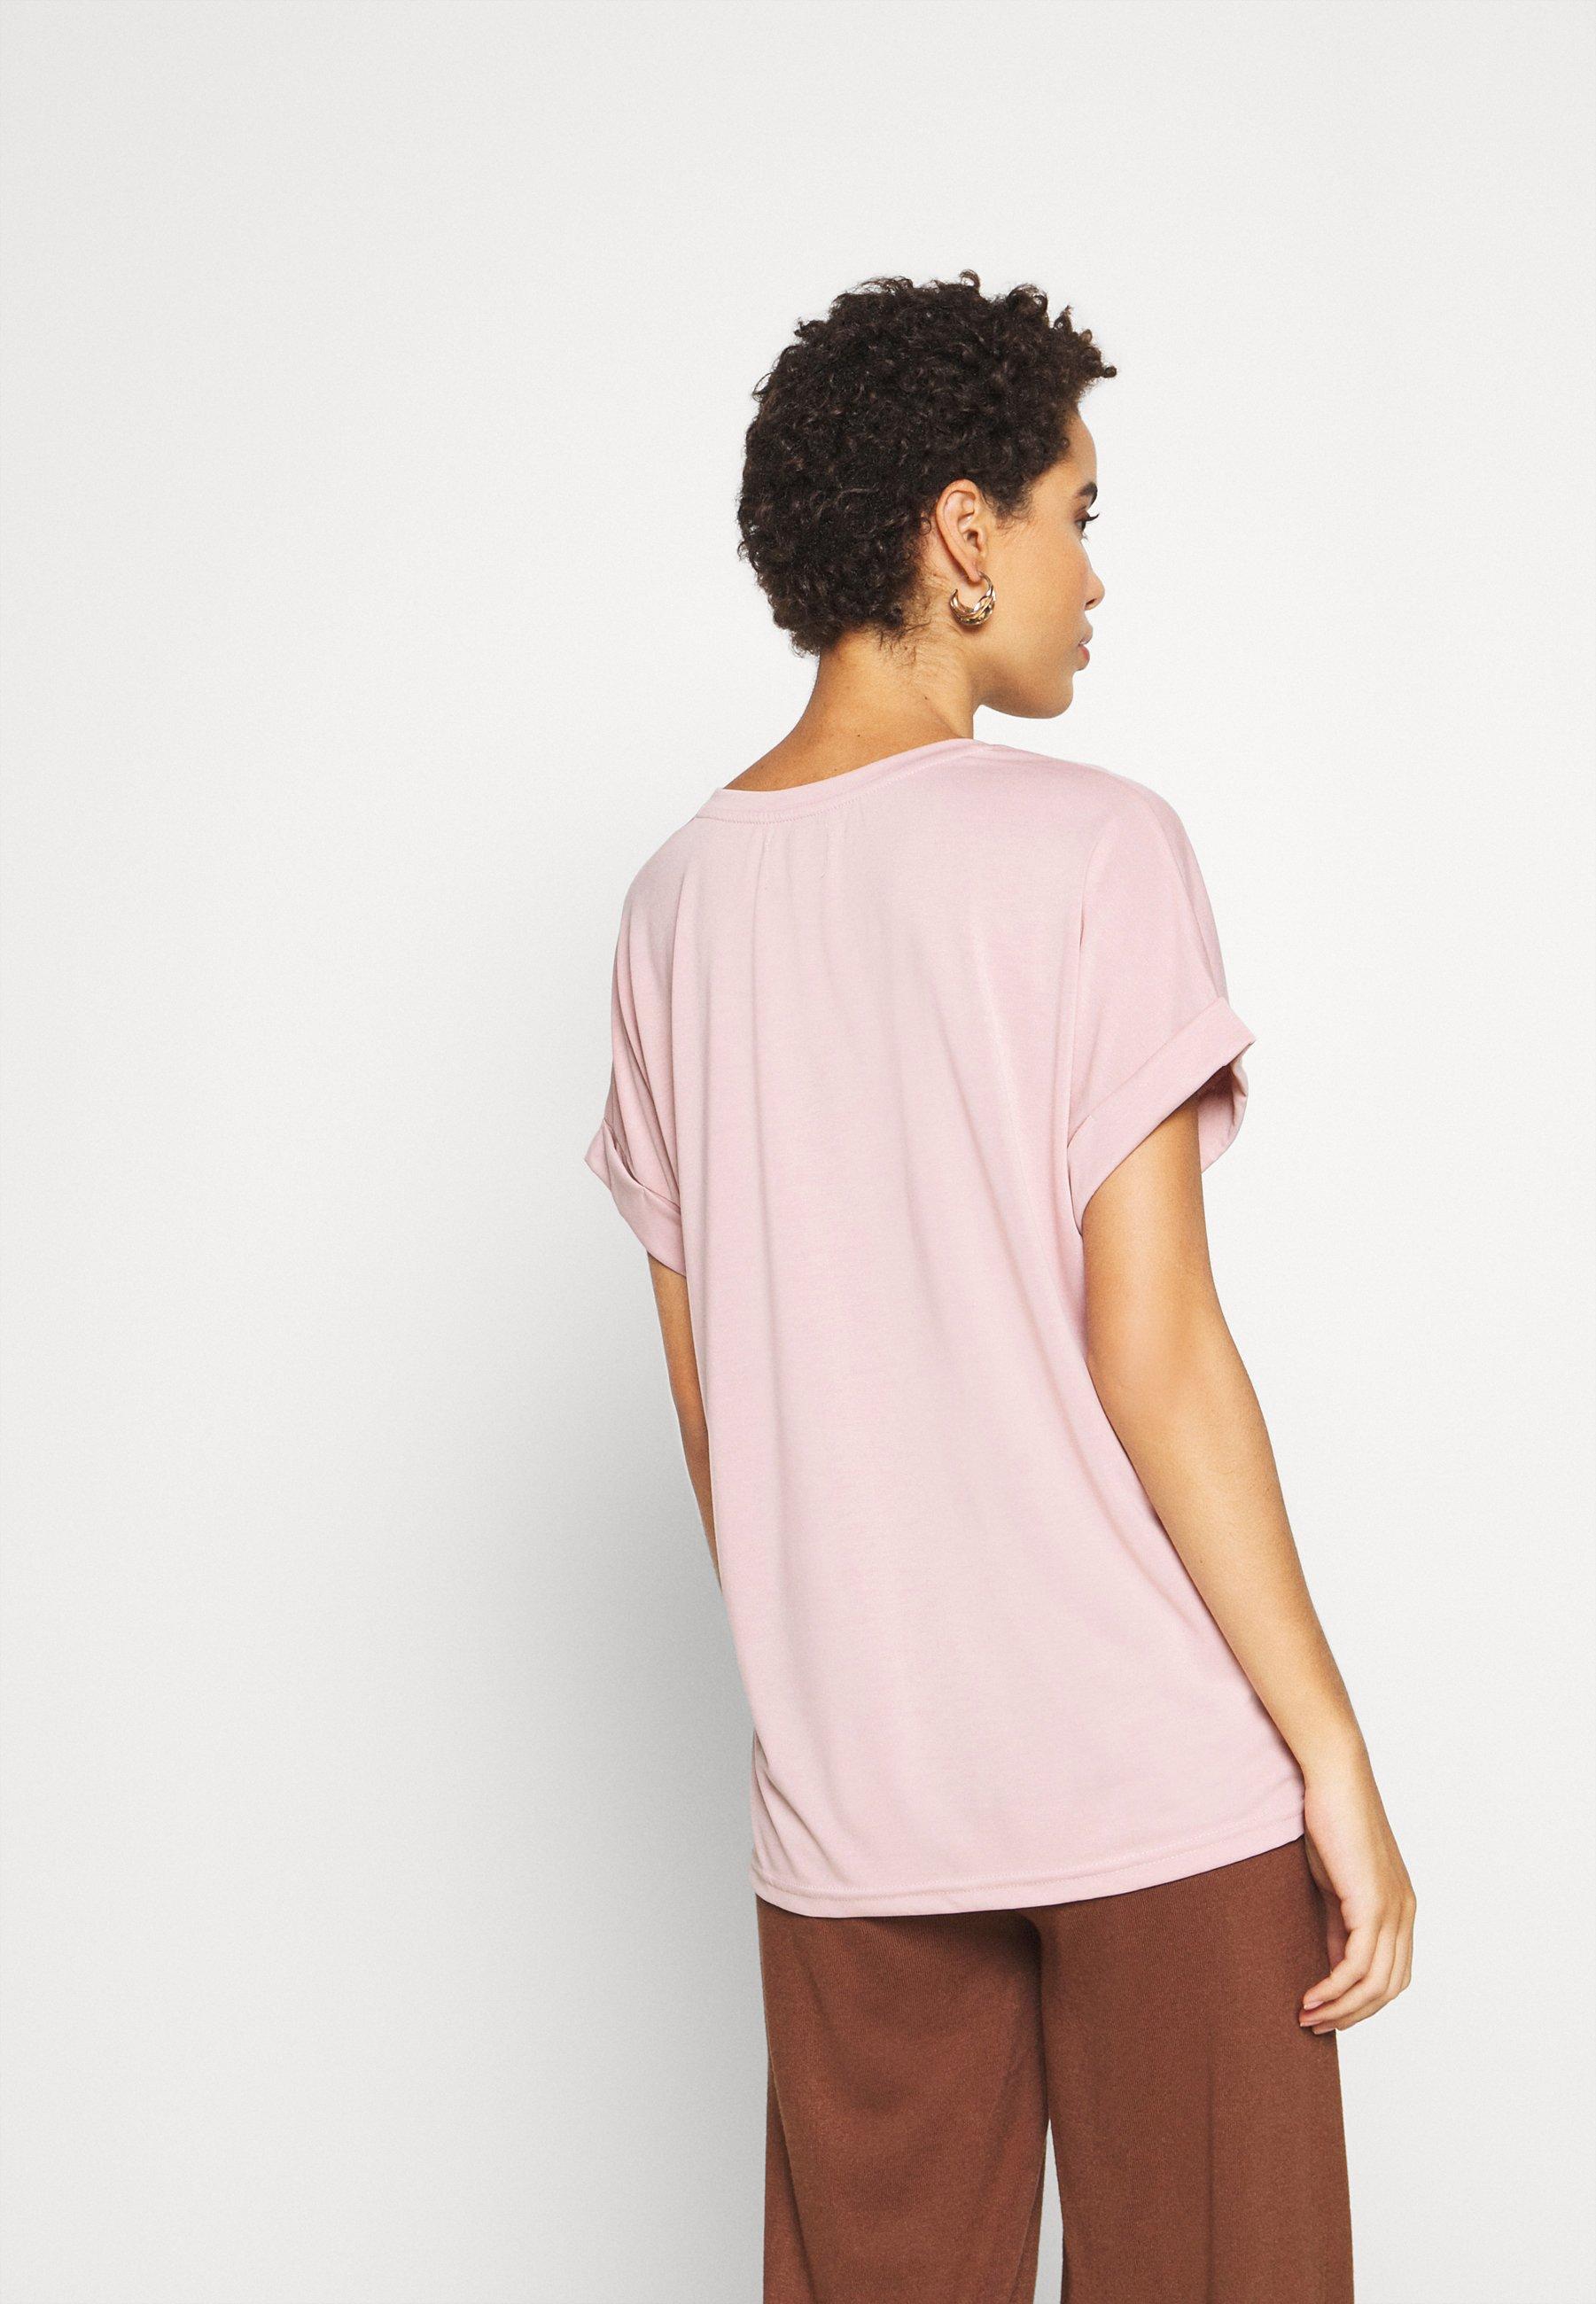 Culture Kajsa - T-shirts Pale Mauve/lyserosa